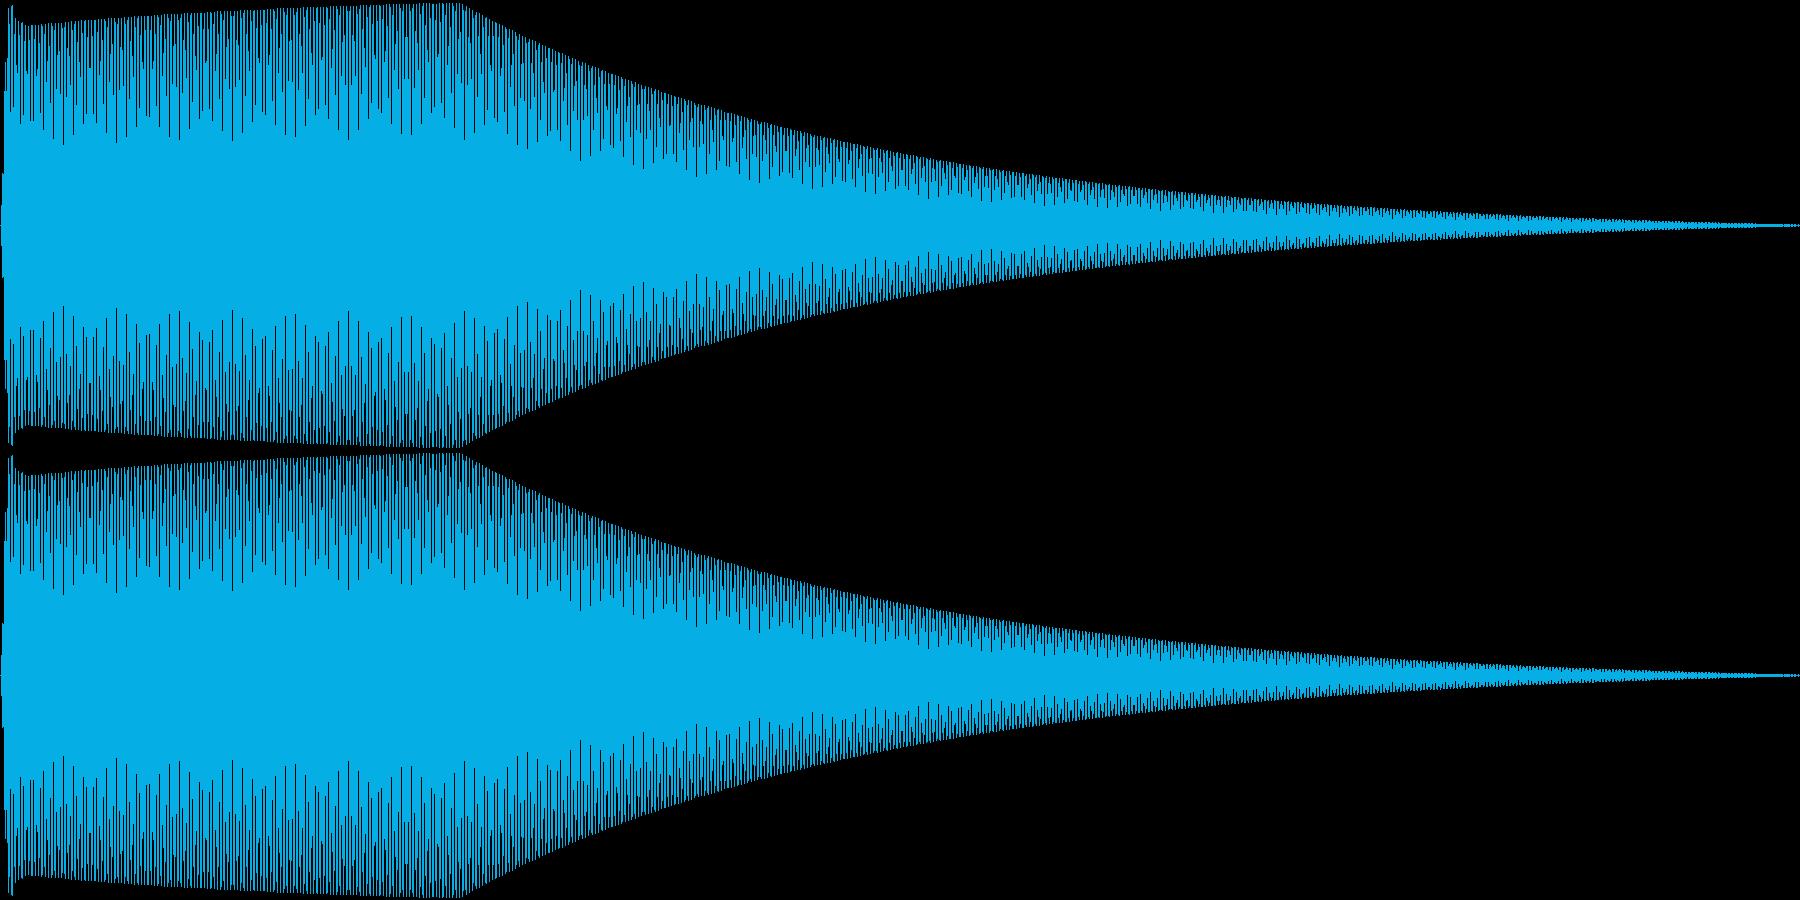 Sin シンプルなサイン波のタッチ音 3の再生済みの波形